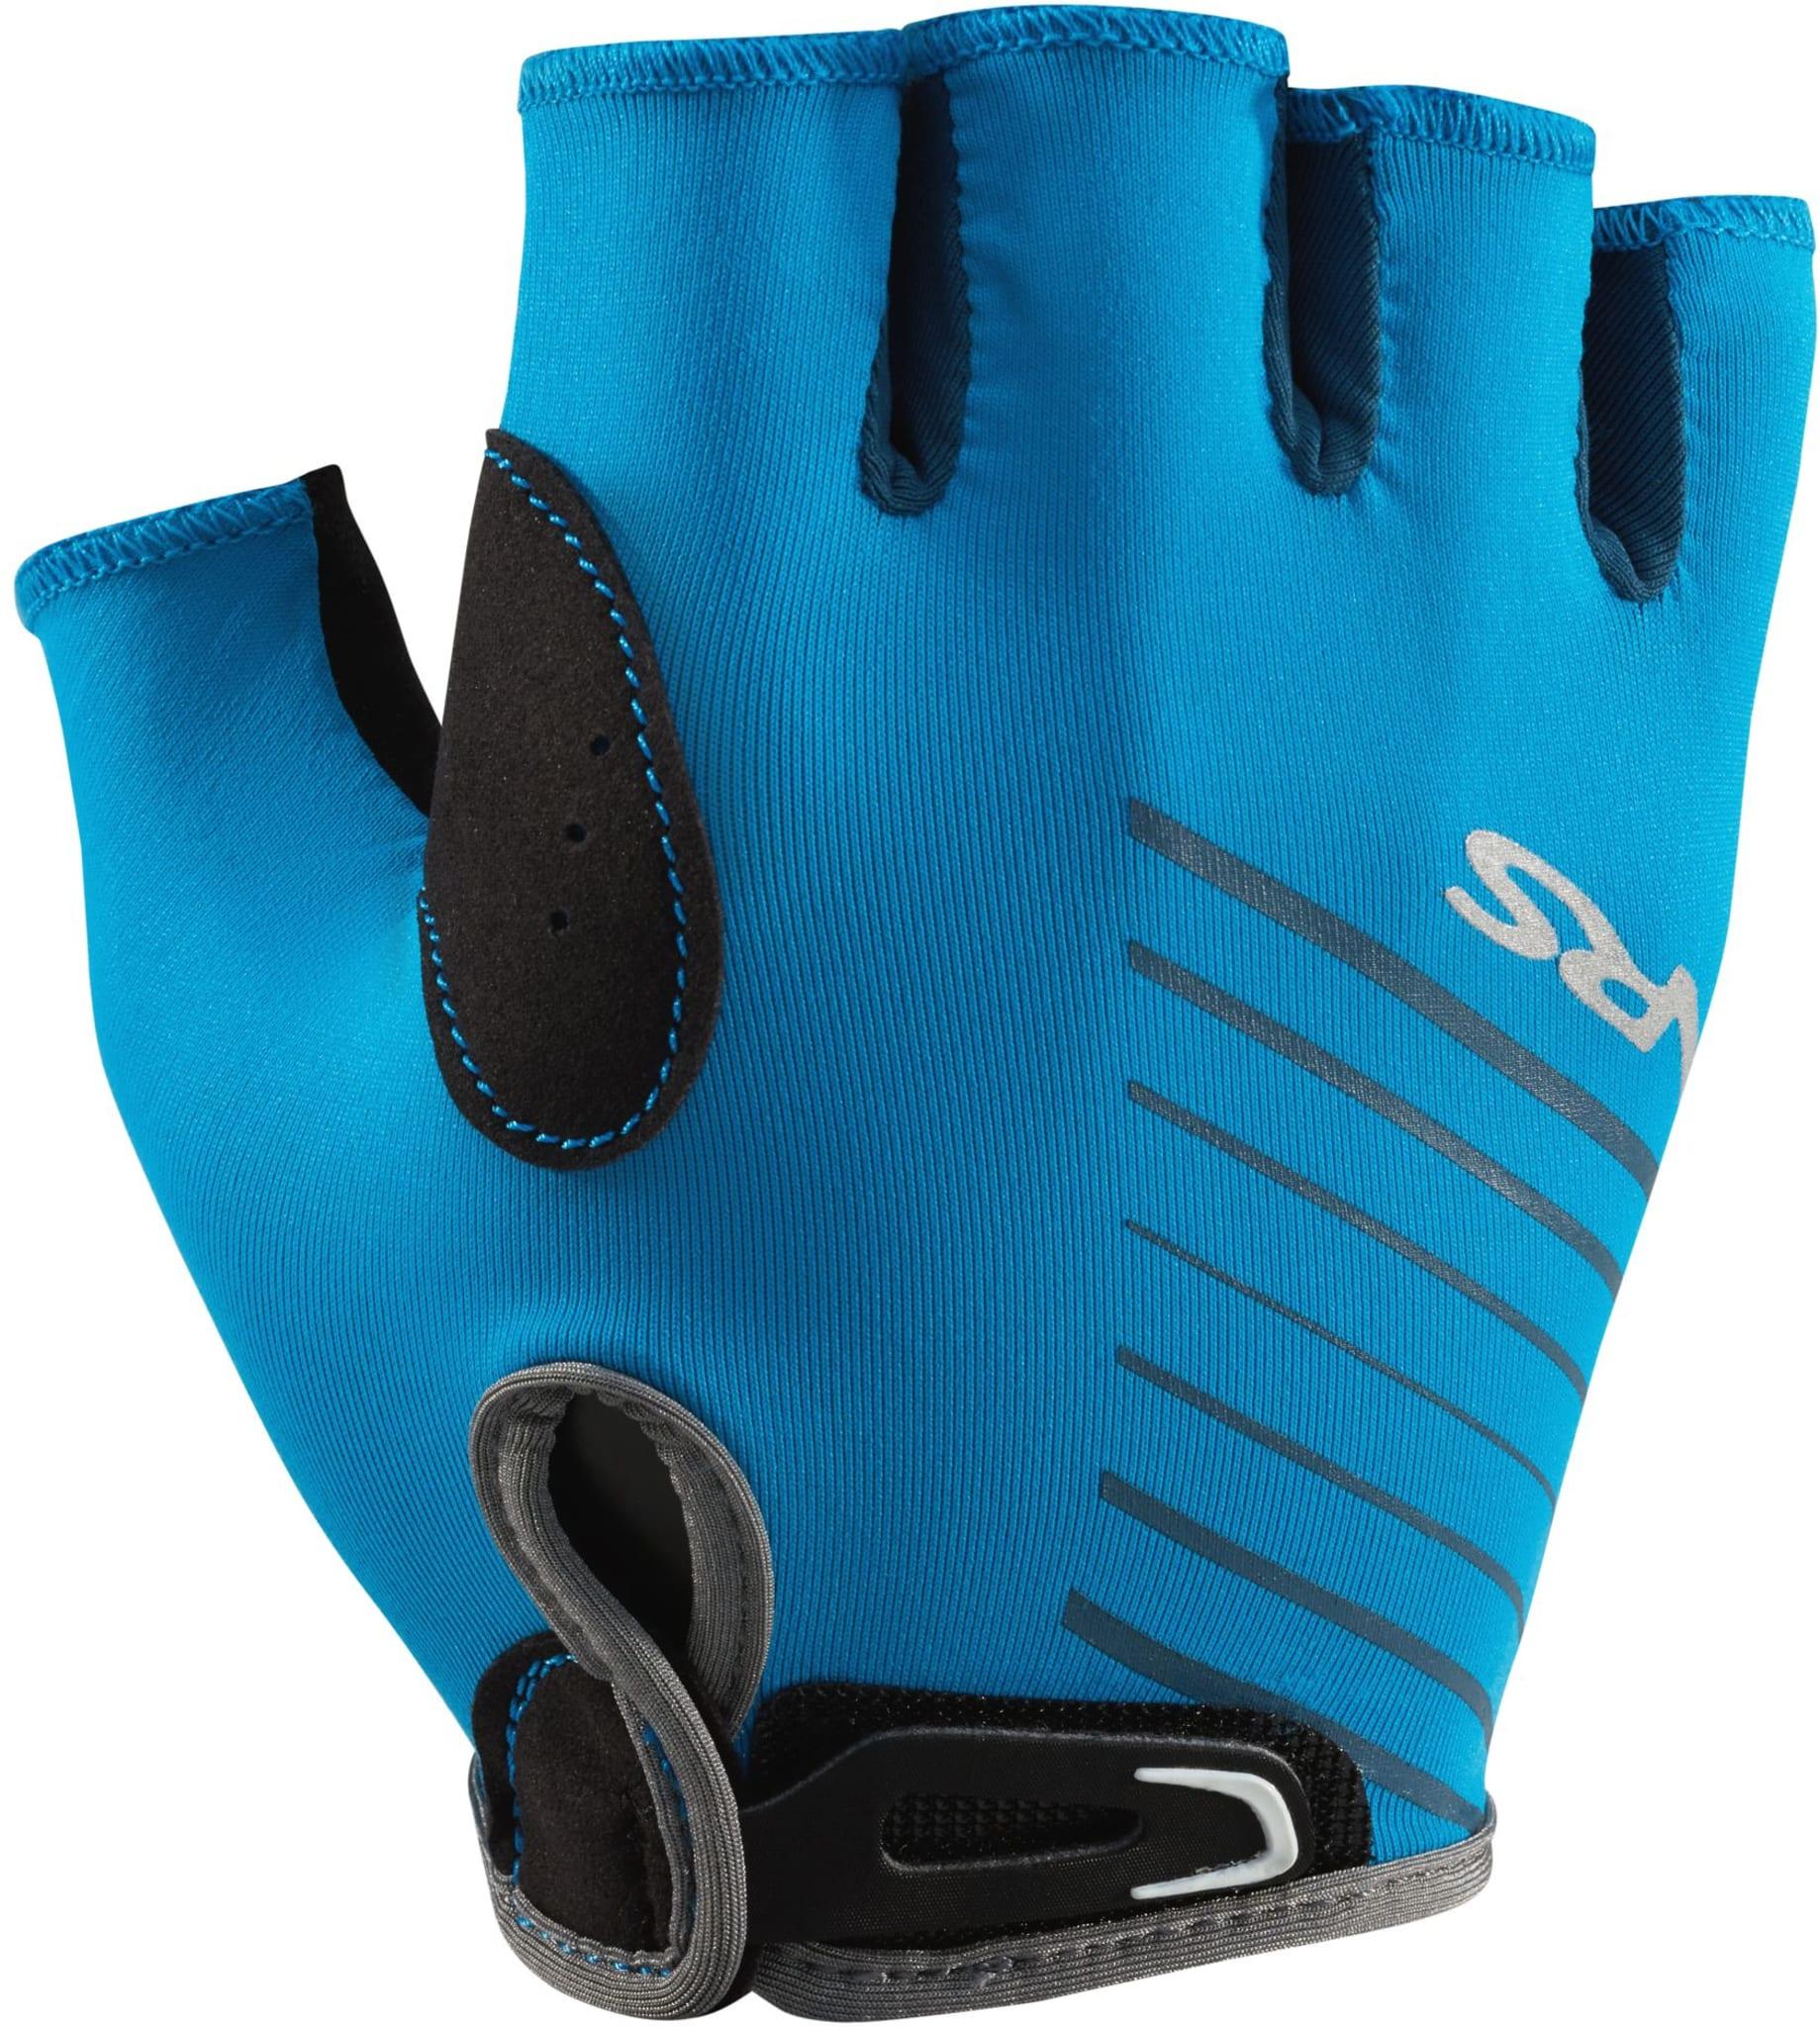 Suveren hanske for de lange turene i varmere temperaturer